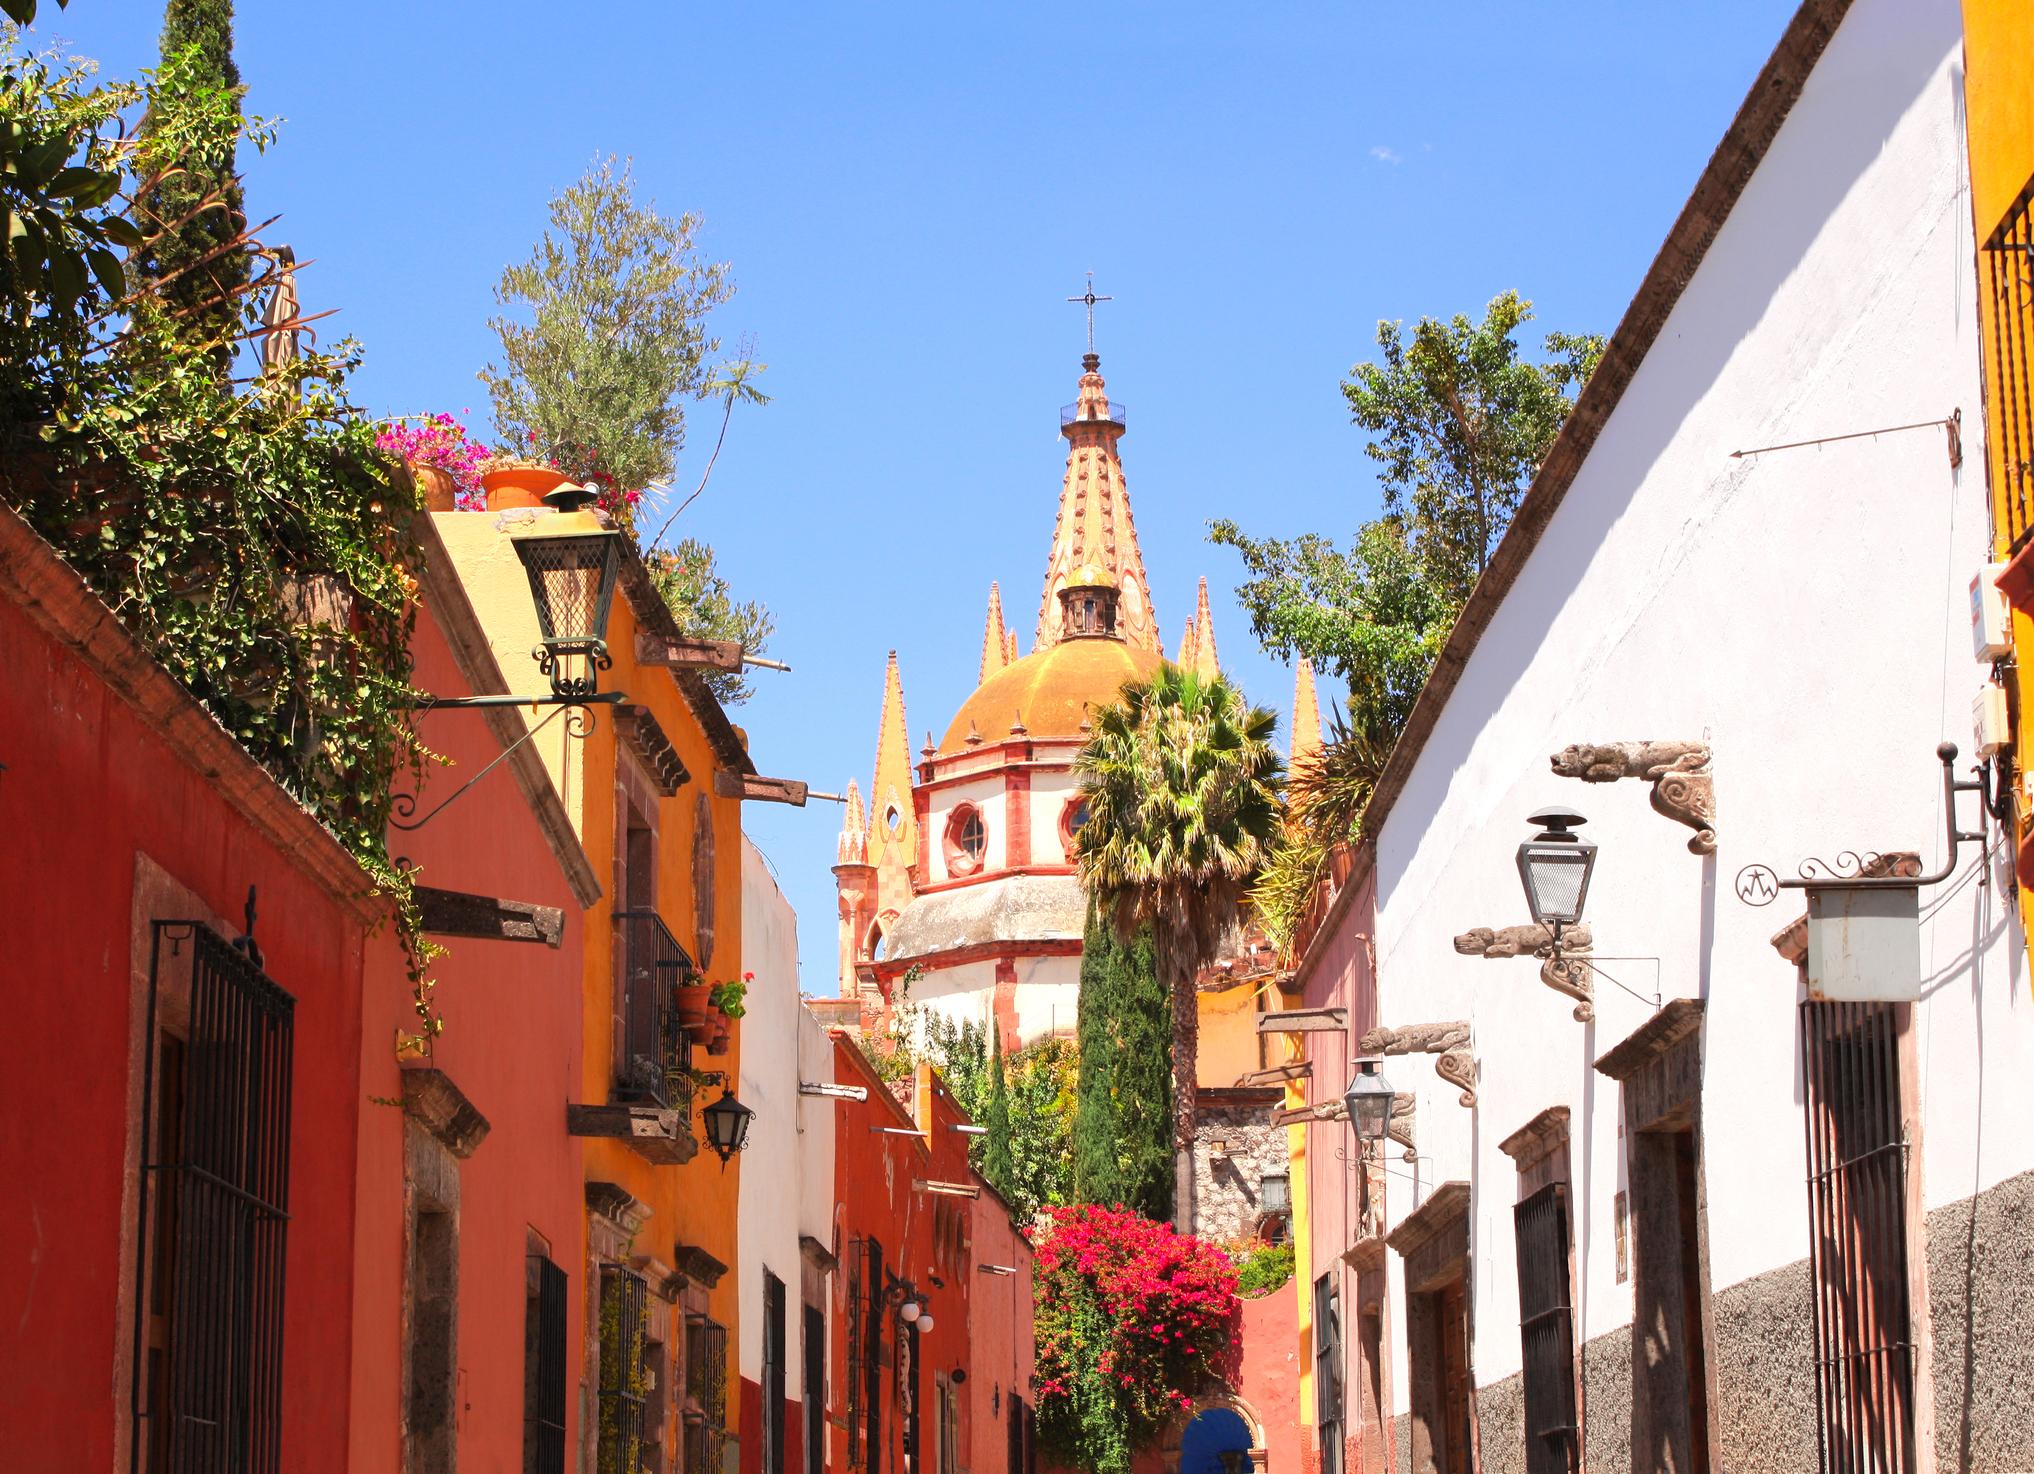 Honeymoon in the Charming ColonialEra San Miguel de Allende